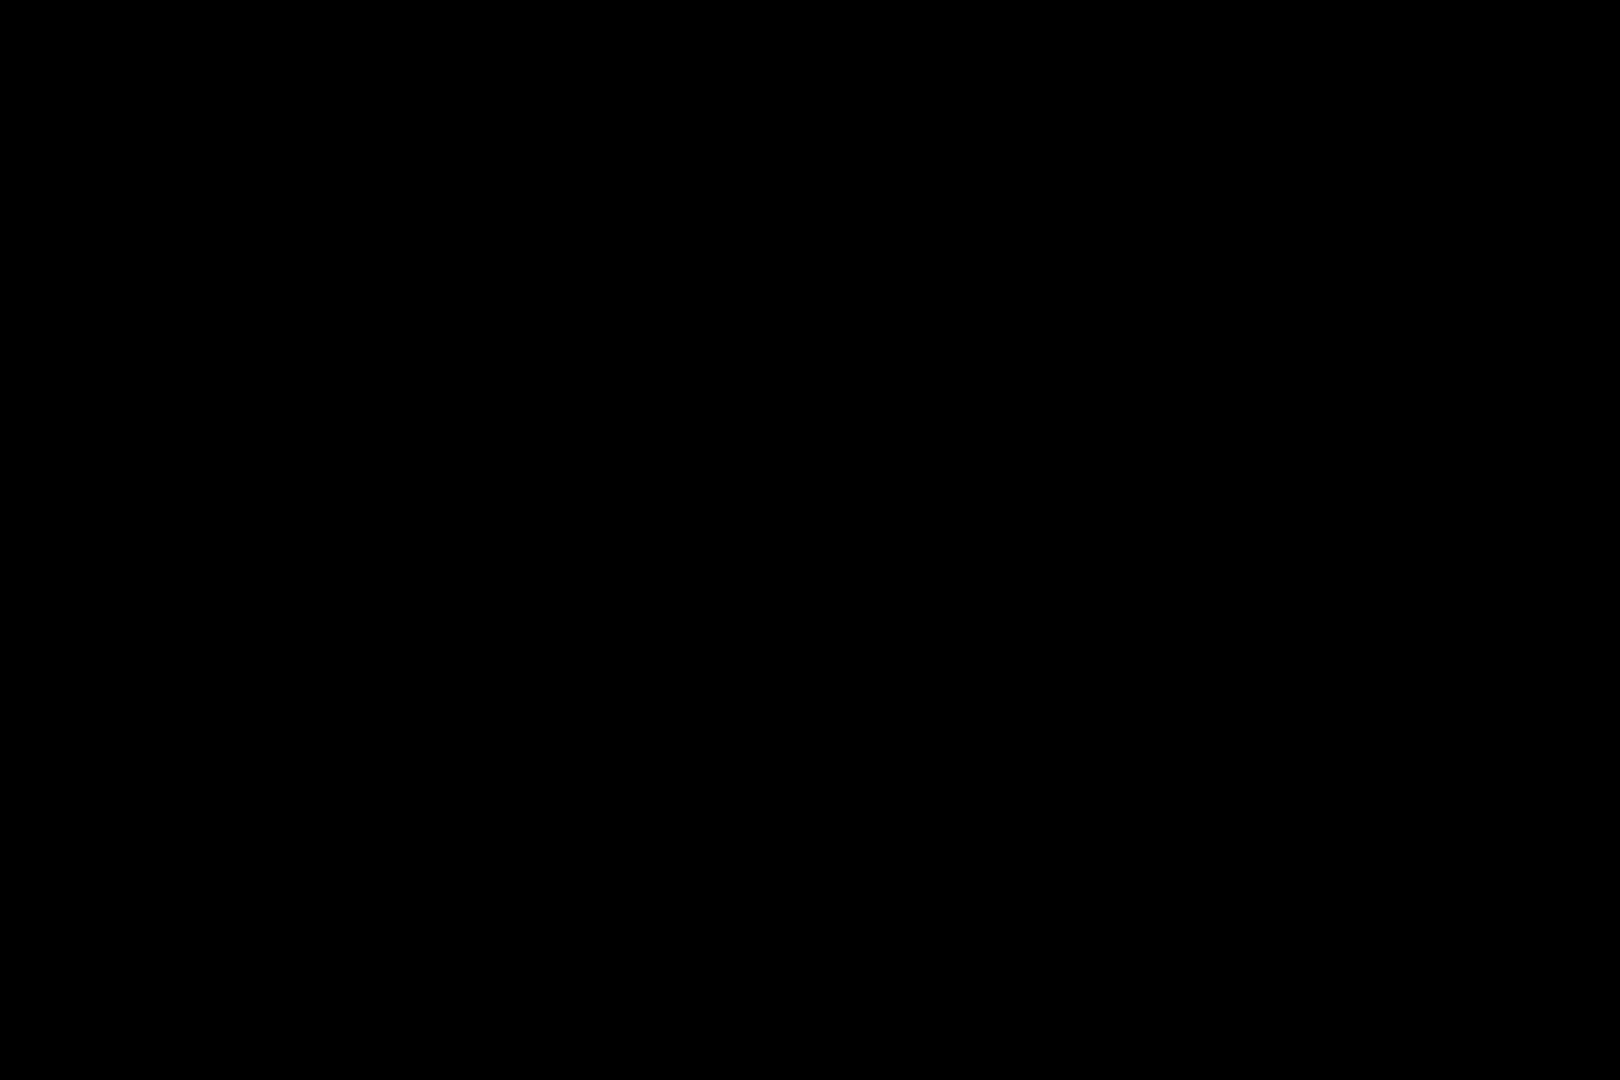 充血監督の深夜の運動会Vol.14 独身エッチOL | カーセックス  62pic 6